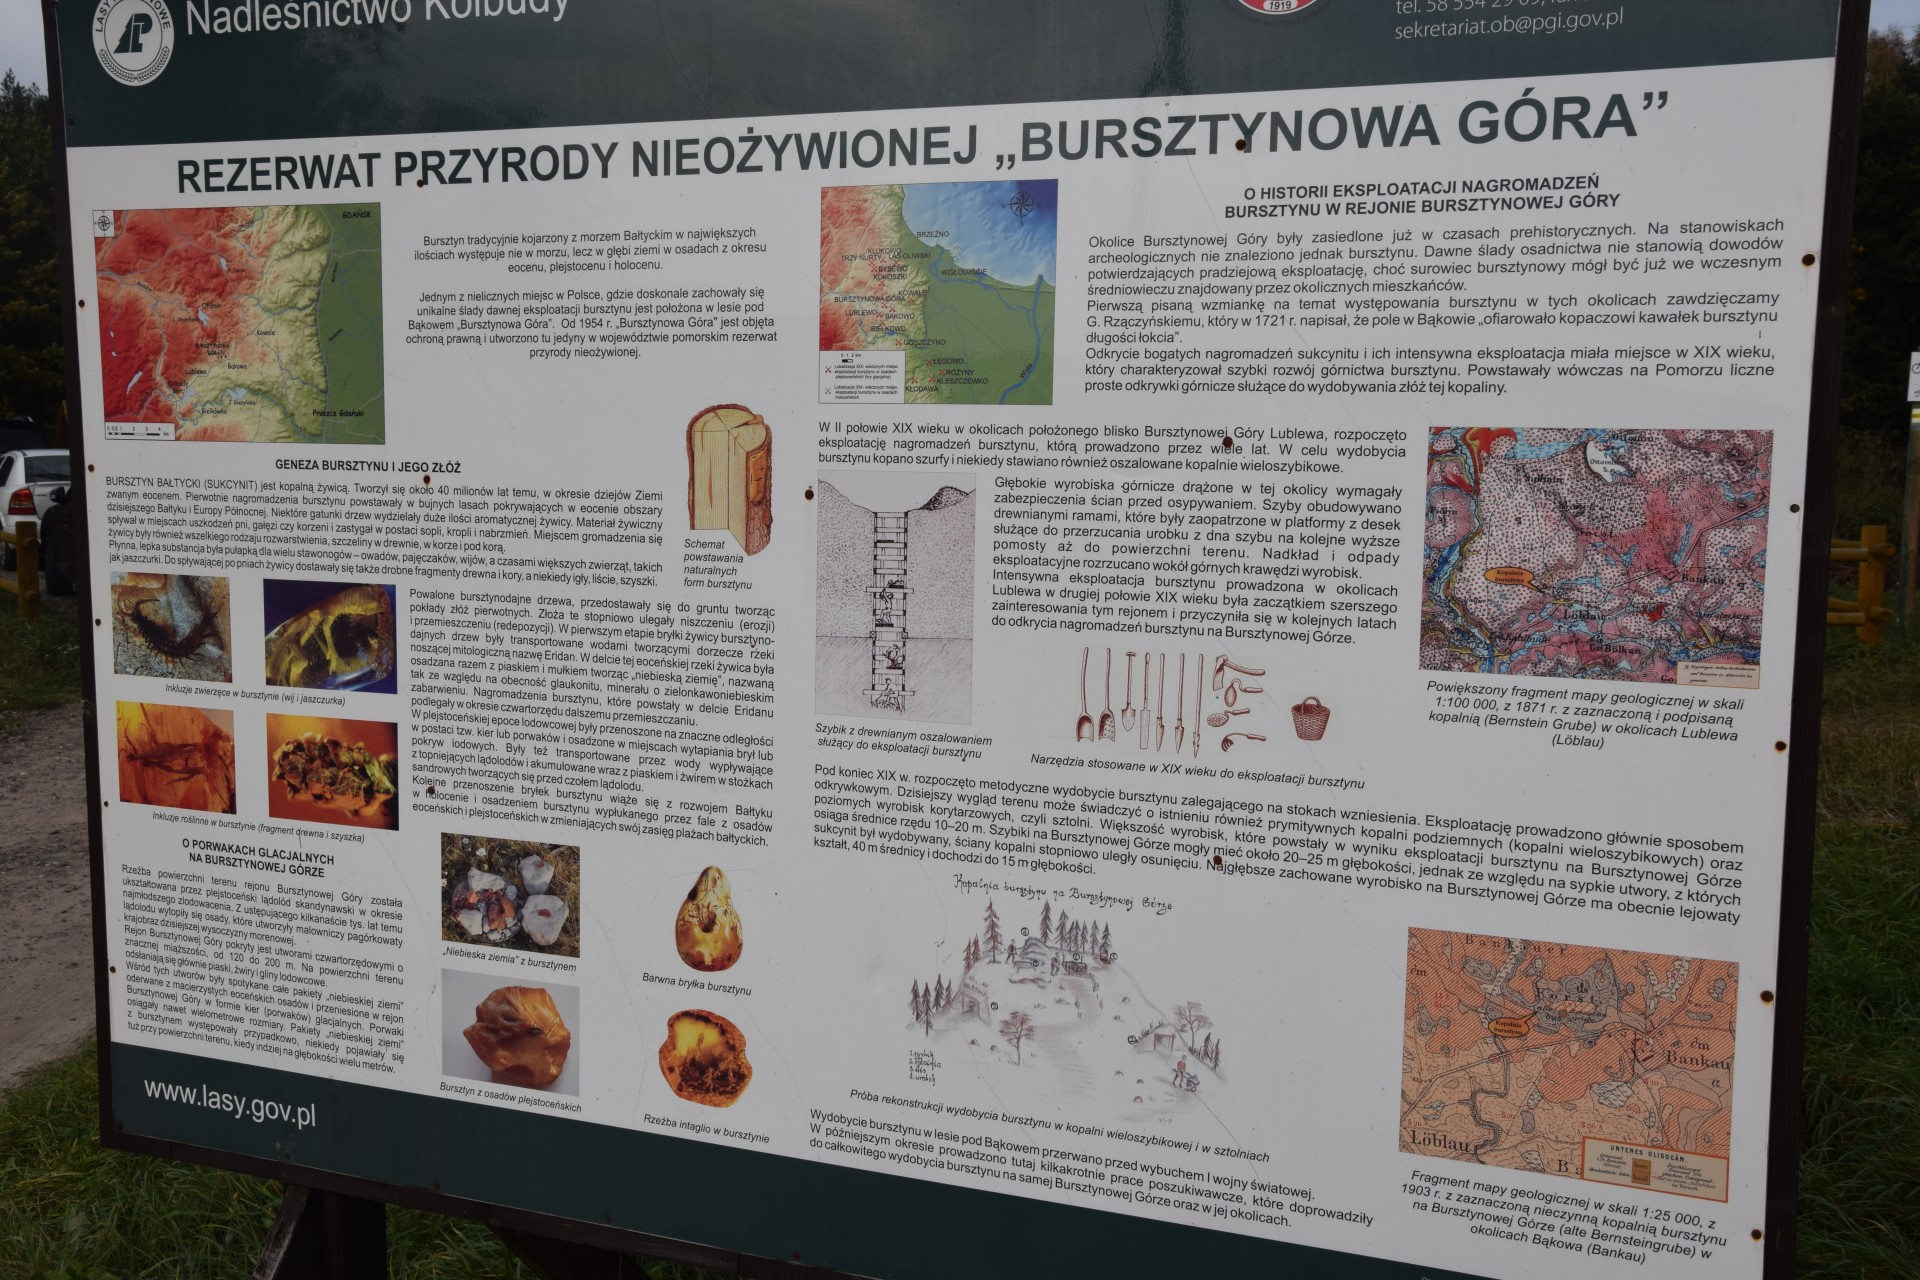 Bąkowo. Rezerwat przyrody Bursztynowa Góra. Fot. Tomasz Słomczyński/Magazyn Kaszuby